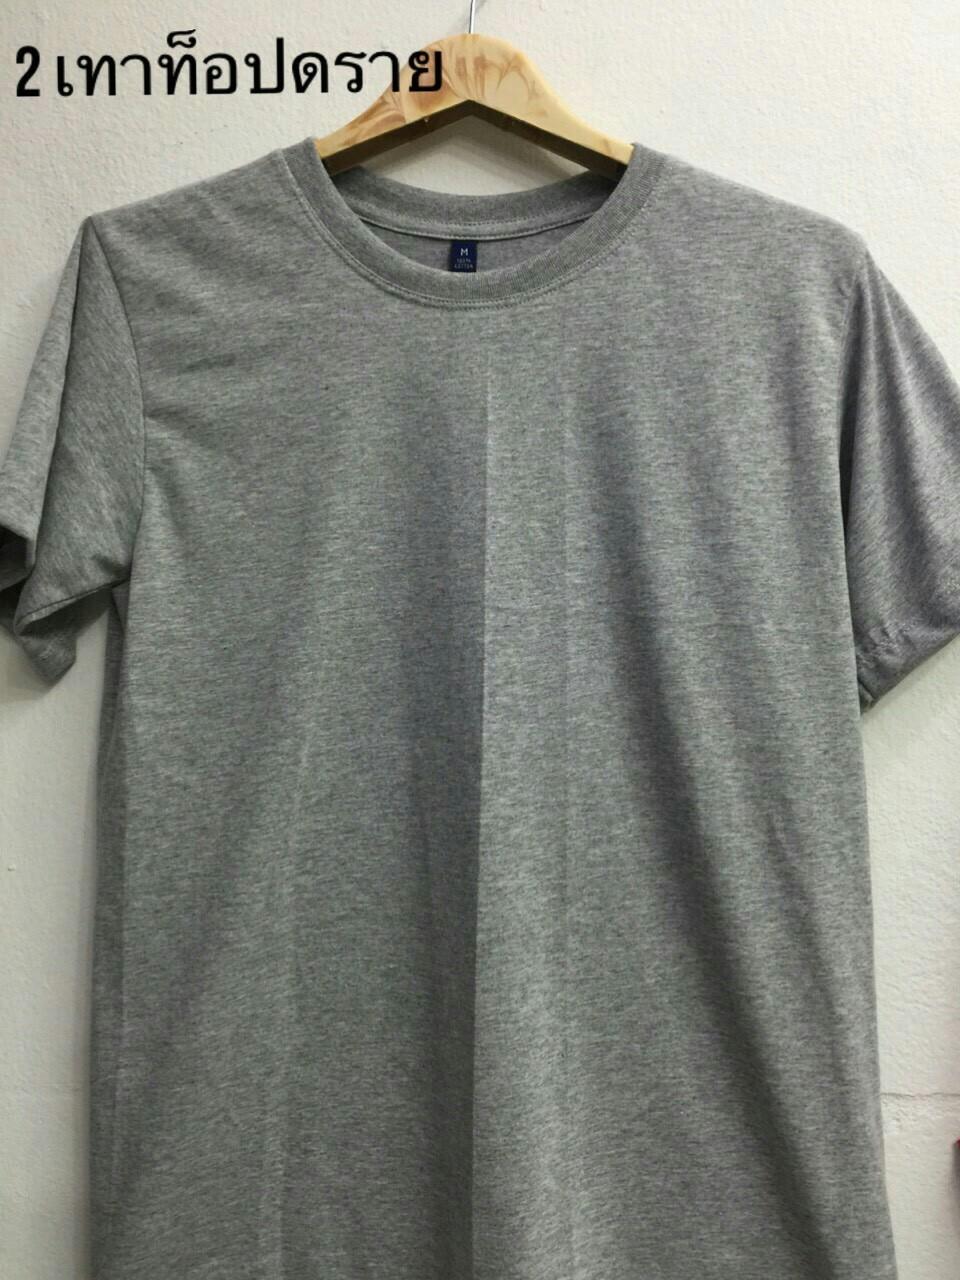 เสื้อ Cotton สีเทาท็อปดราย ไซส์ S,M,L